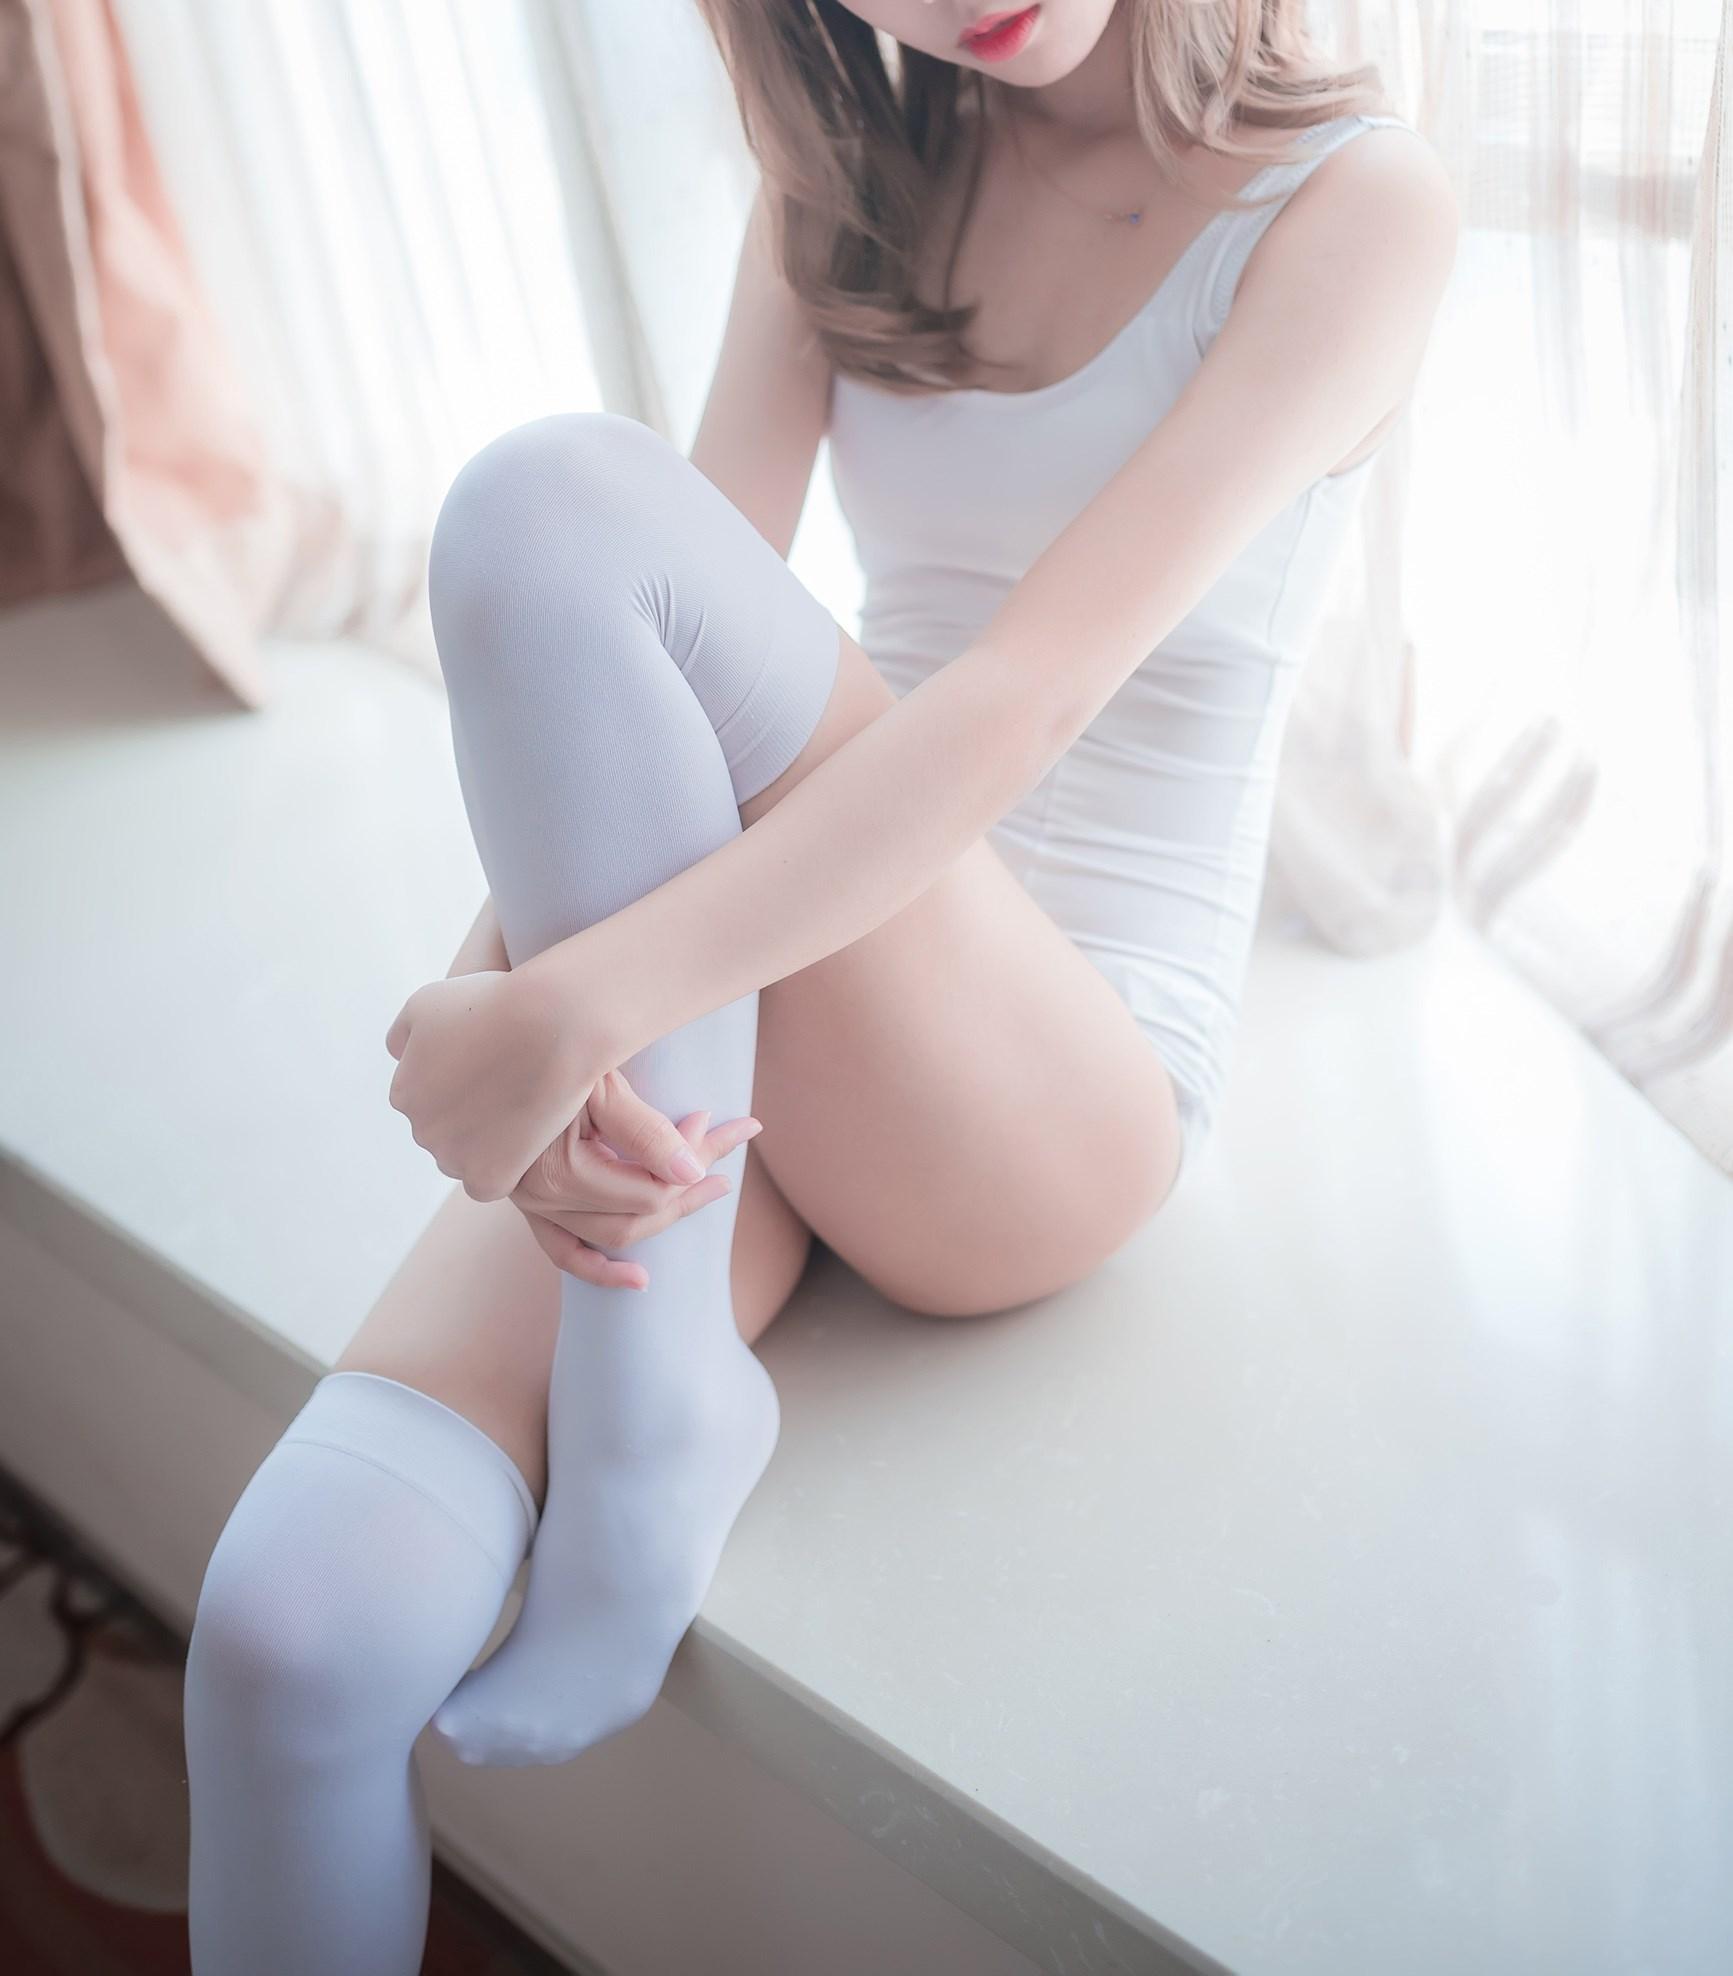 【兔玩映画】vol.09-纯白色 兔玩映画 第46张